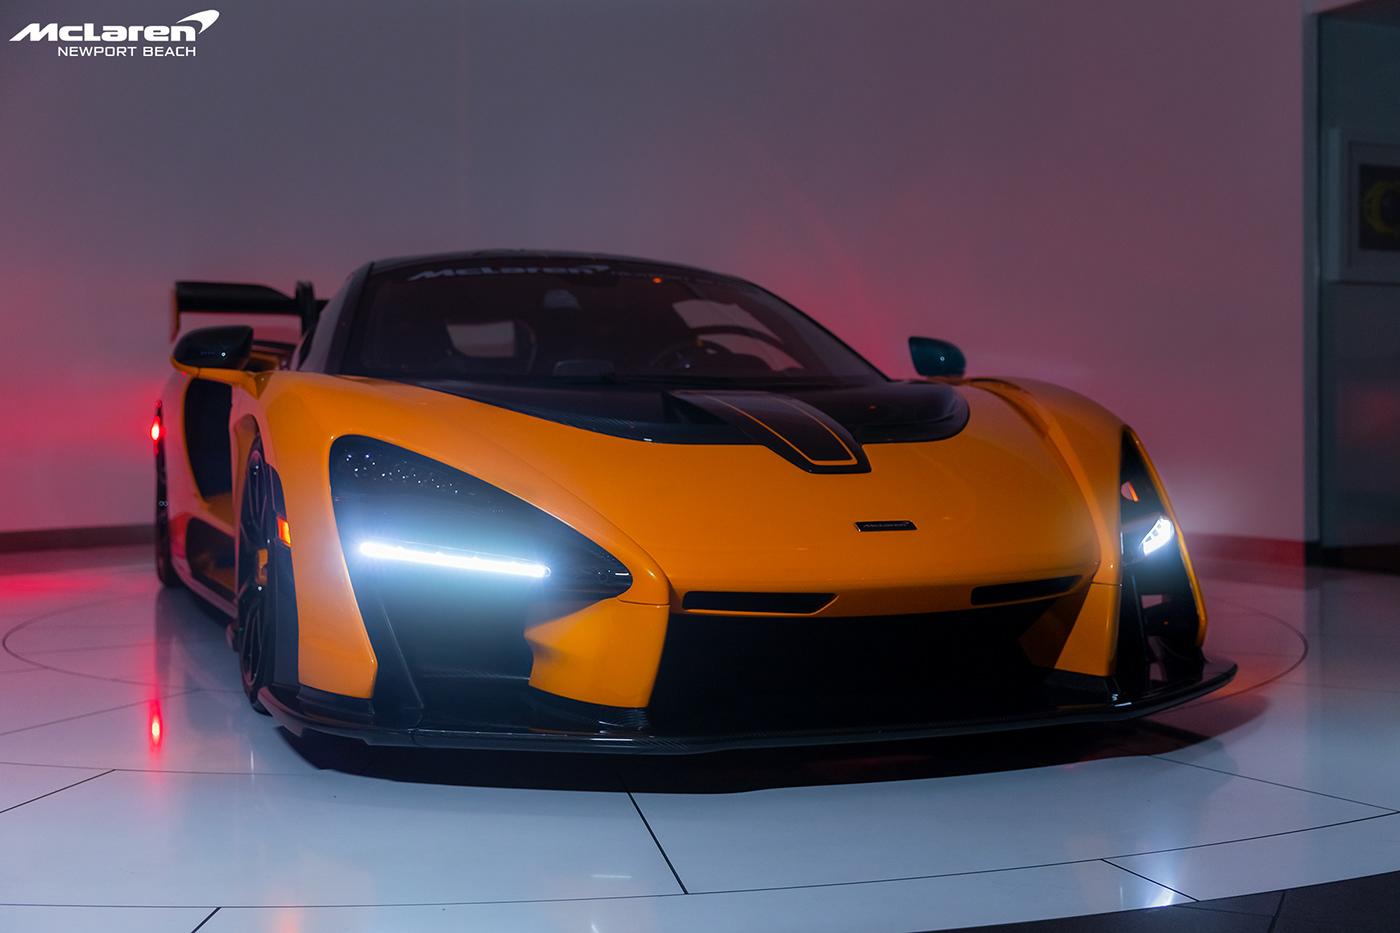 McLaren Newport Beach On Behance